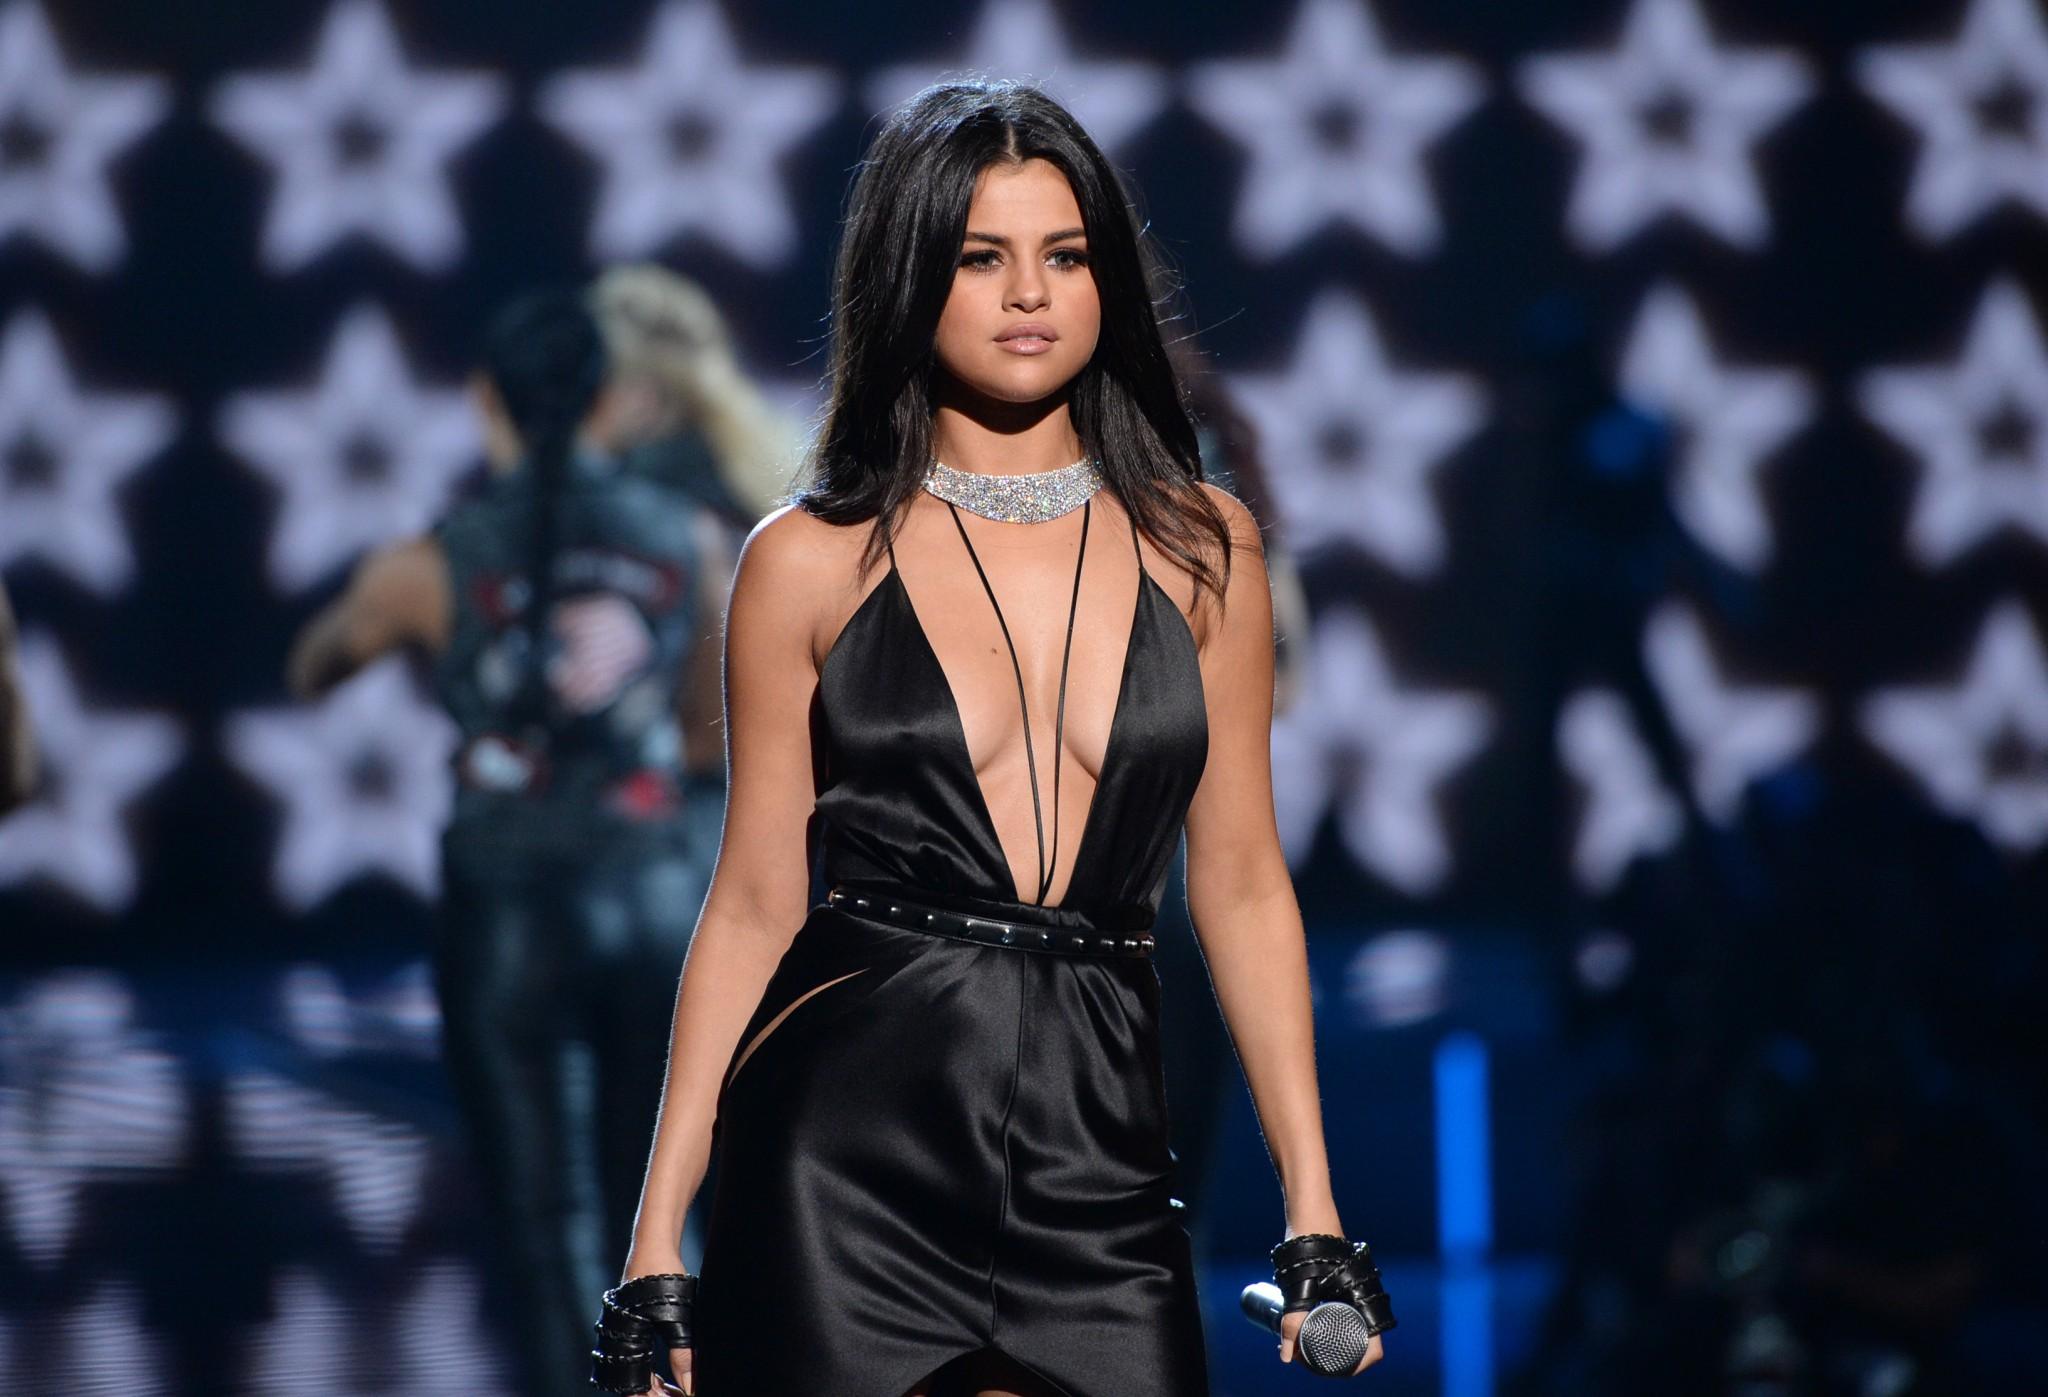 selena-gomez-braless-pokies-cleavage-at-victorias-secret-fashion-show-27